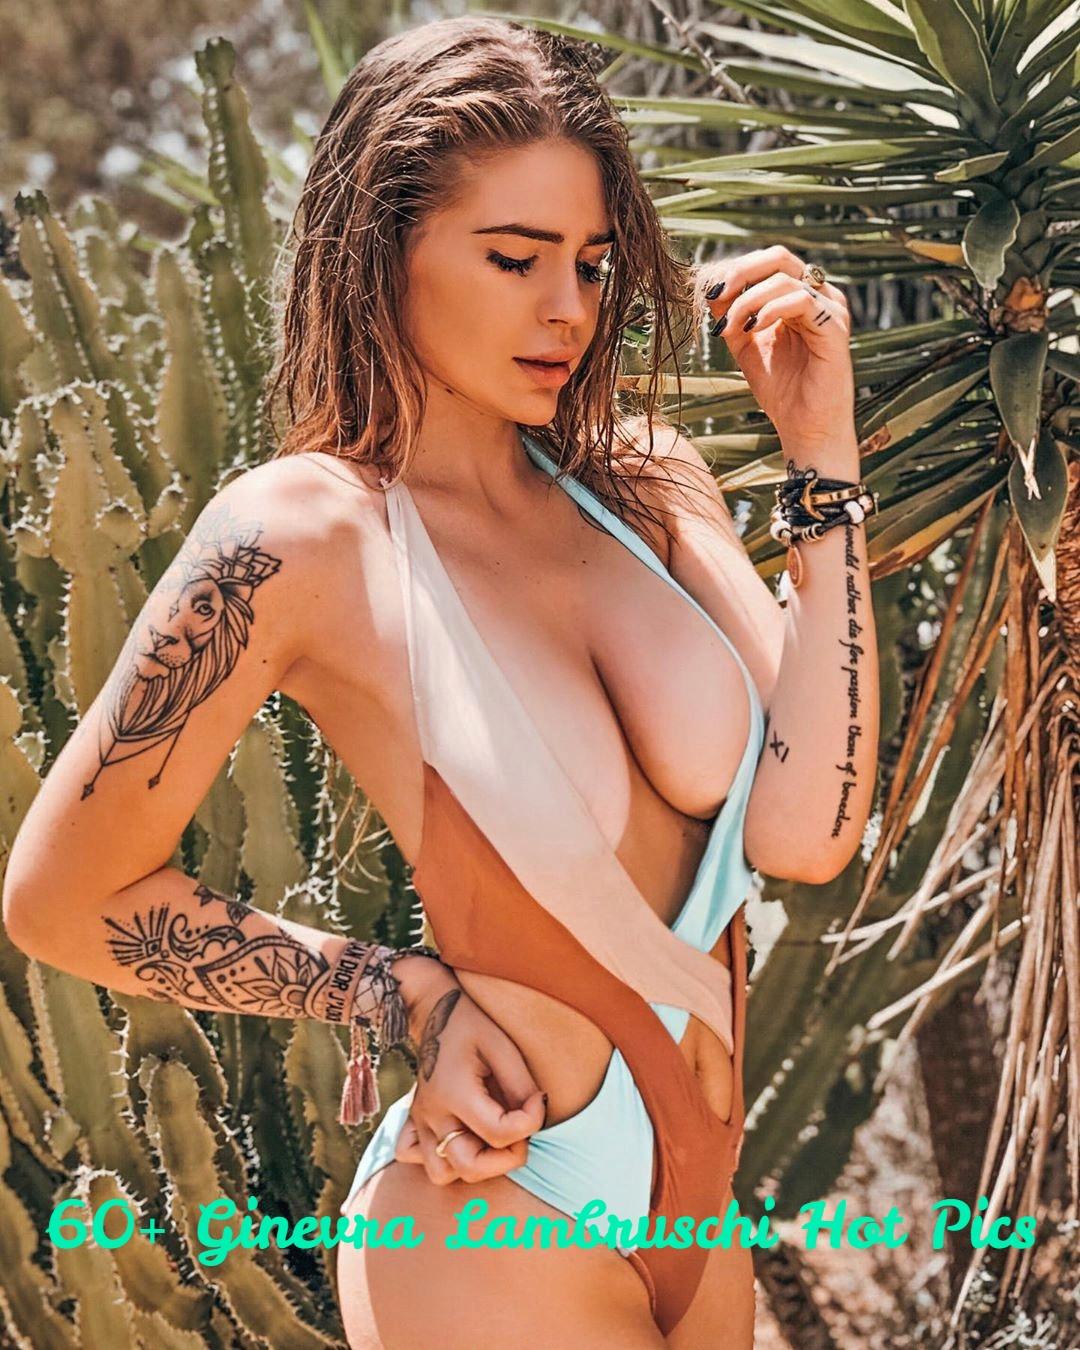 Ginevra Lambruschi sexy pics